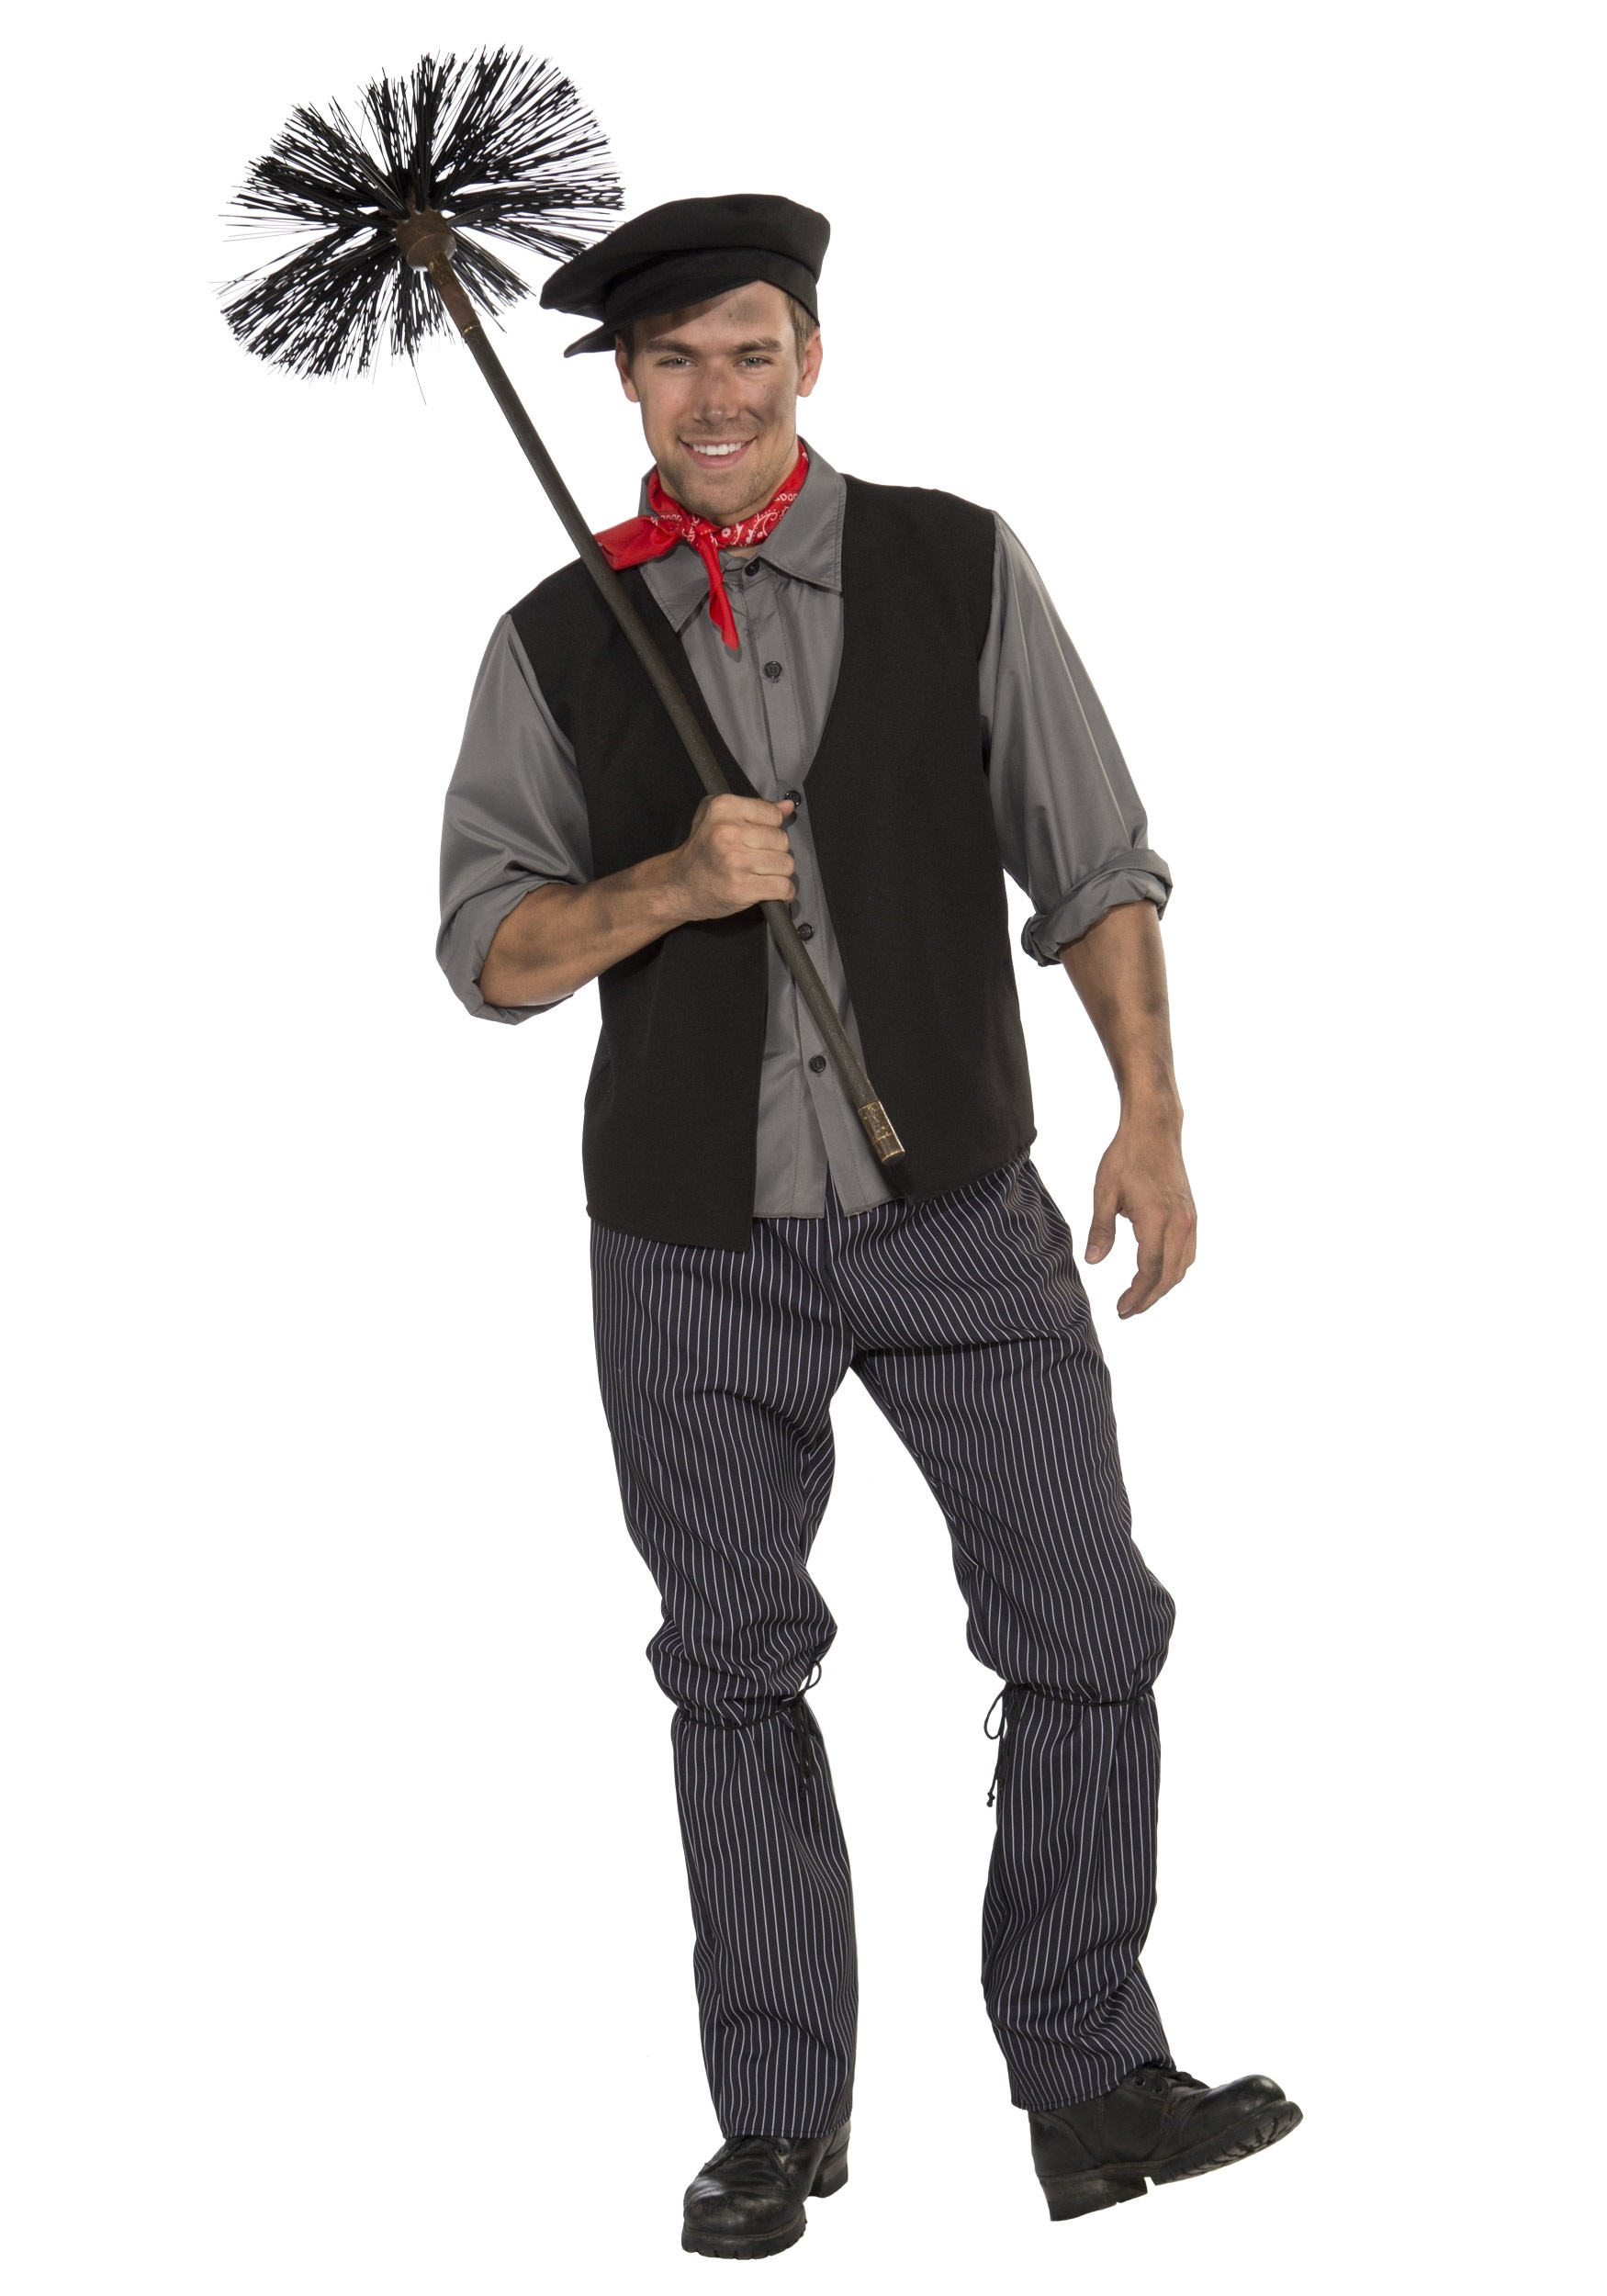 Chimney Sweep Costume for Men